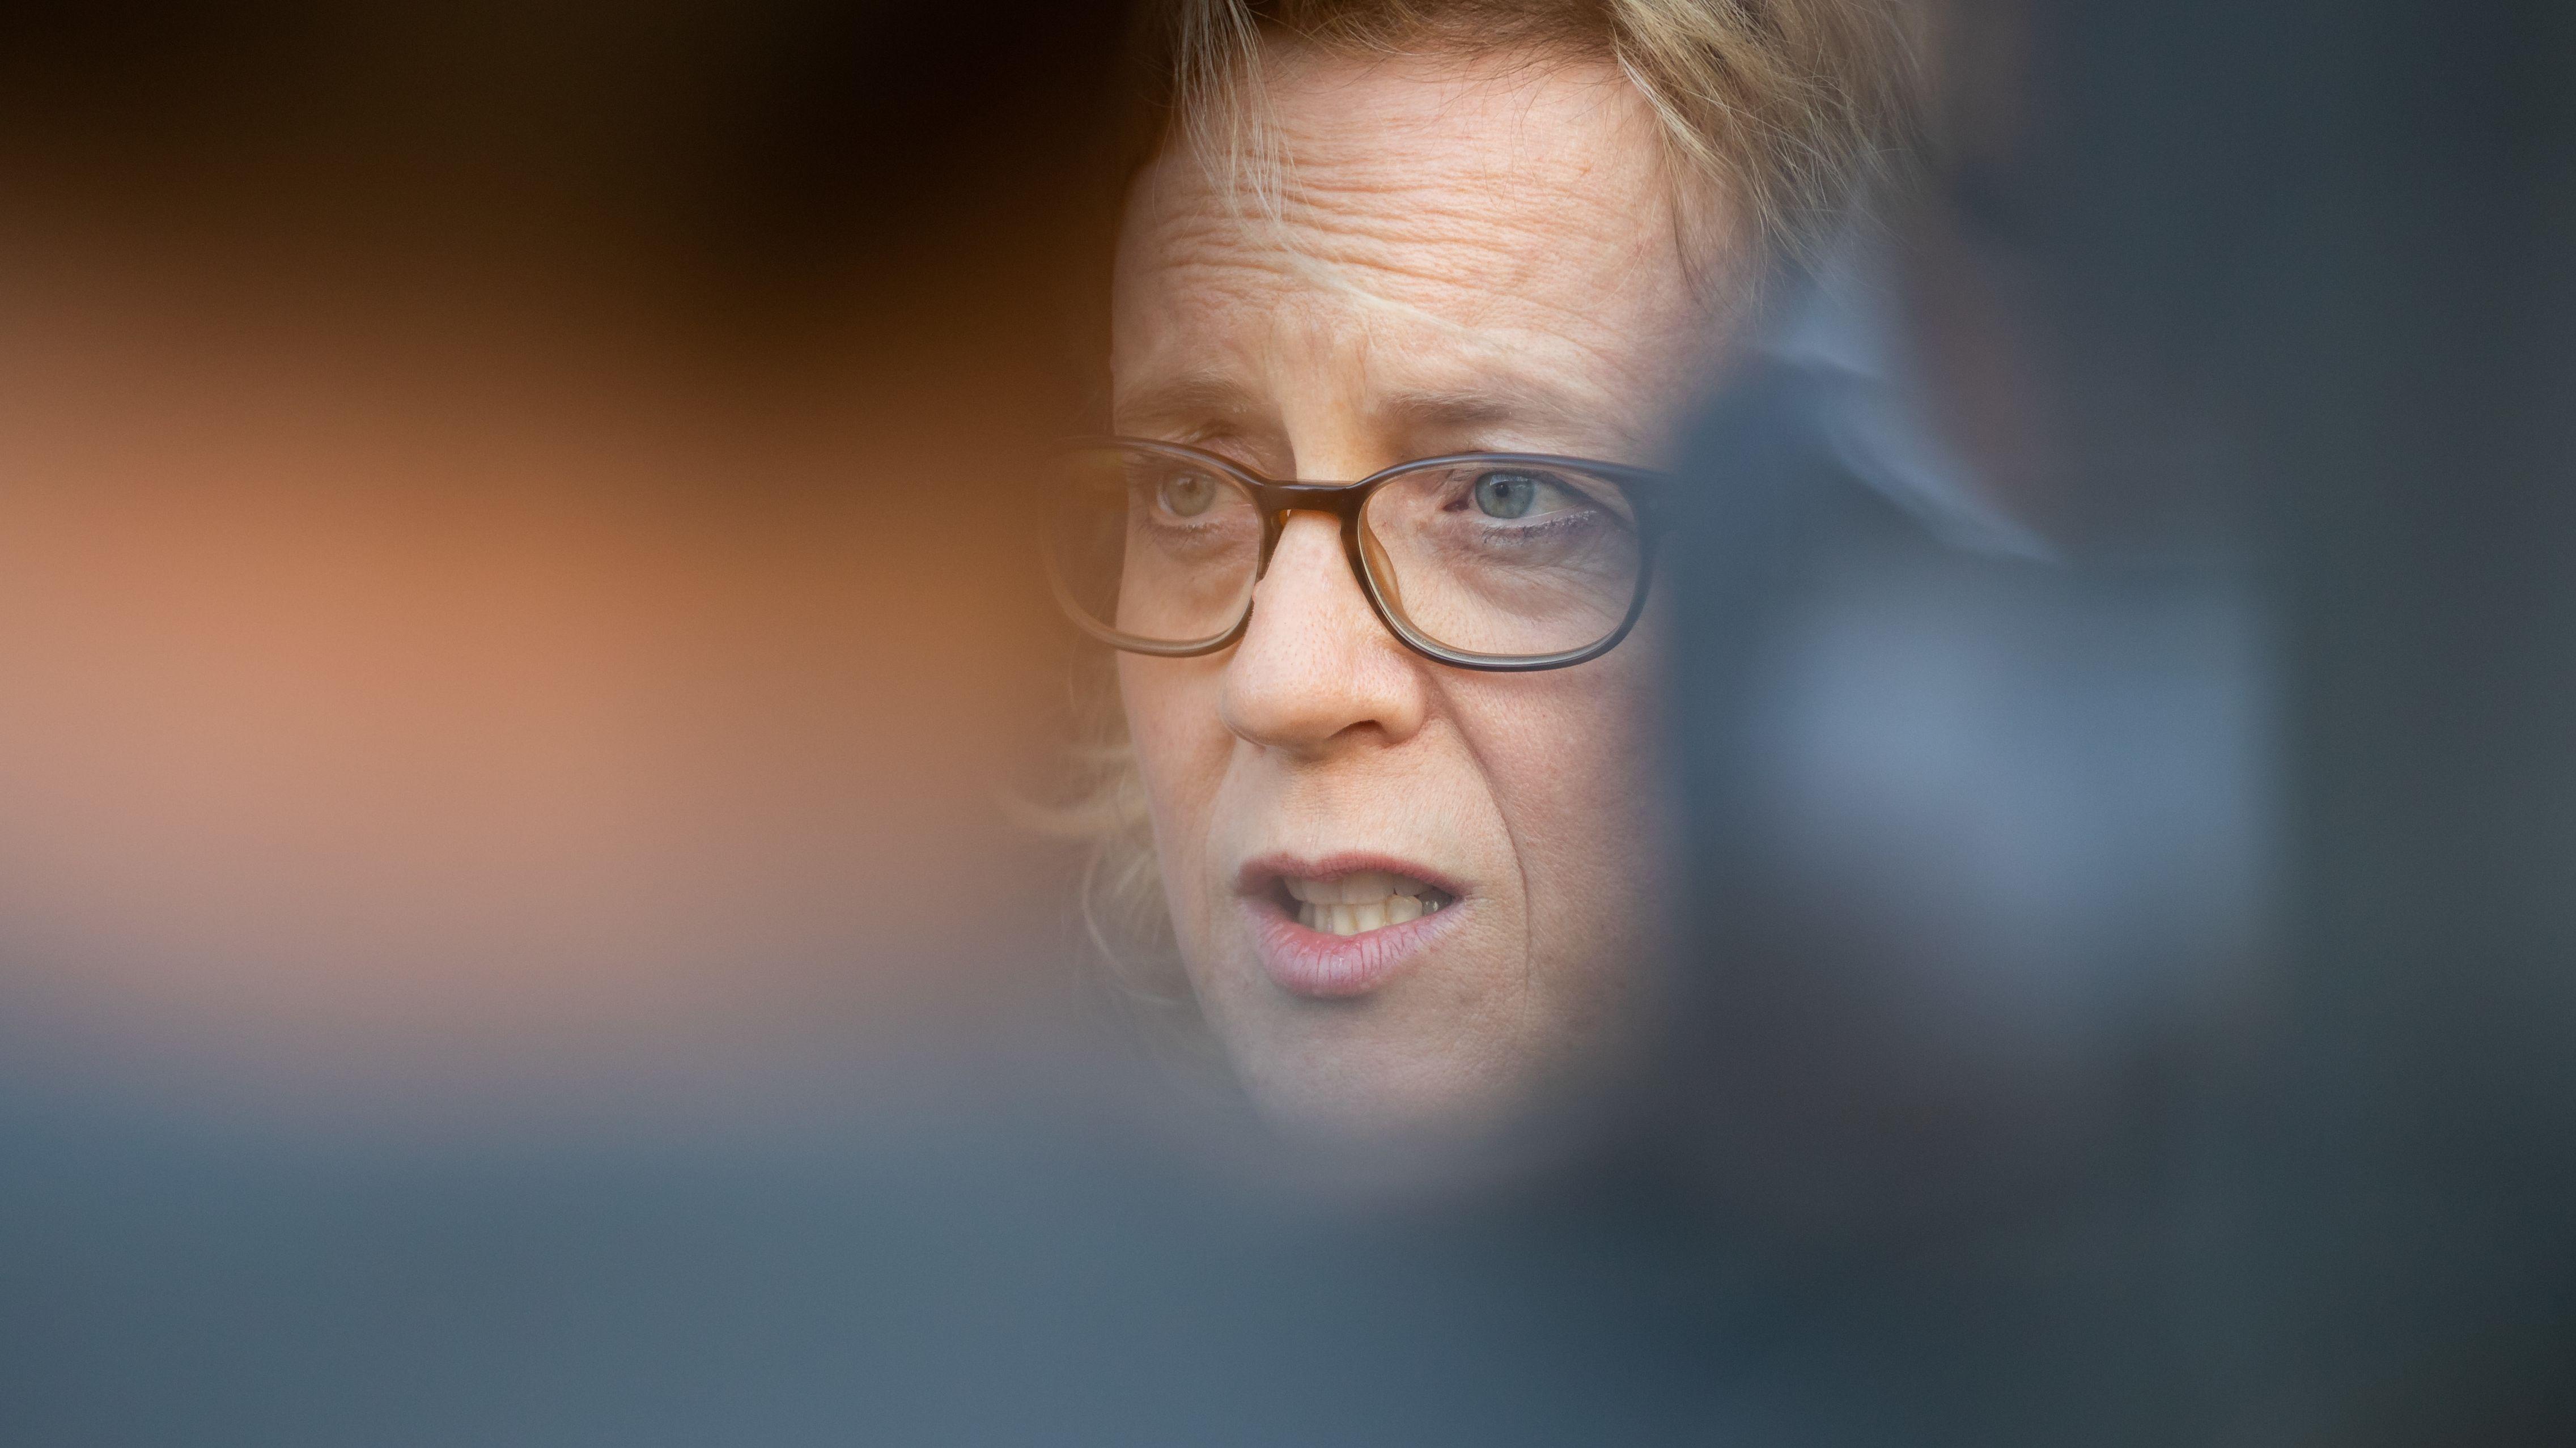 Natascha Kohnen, Vorsitzende der SPD in Bayern